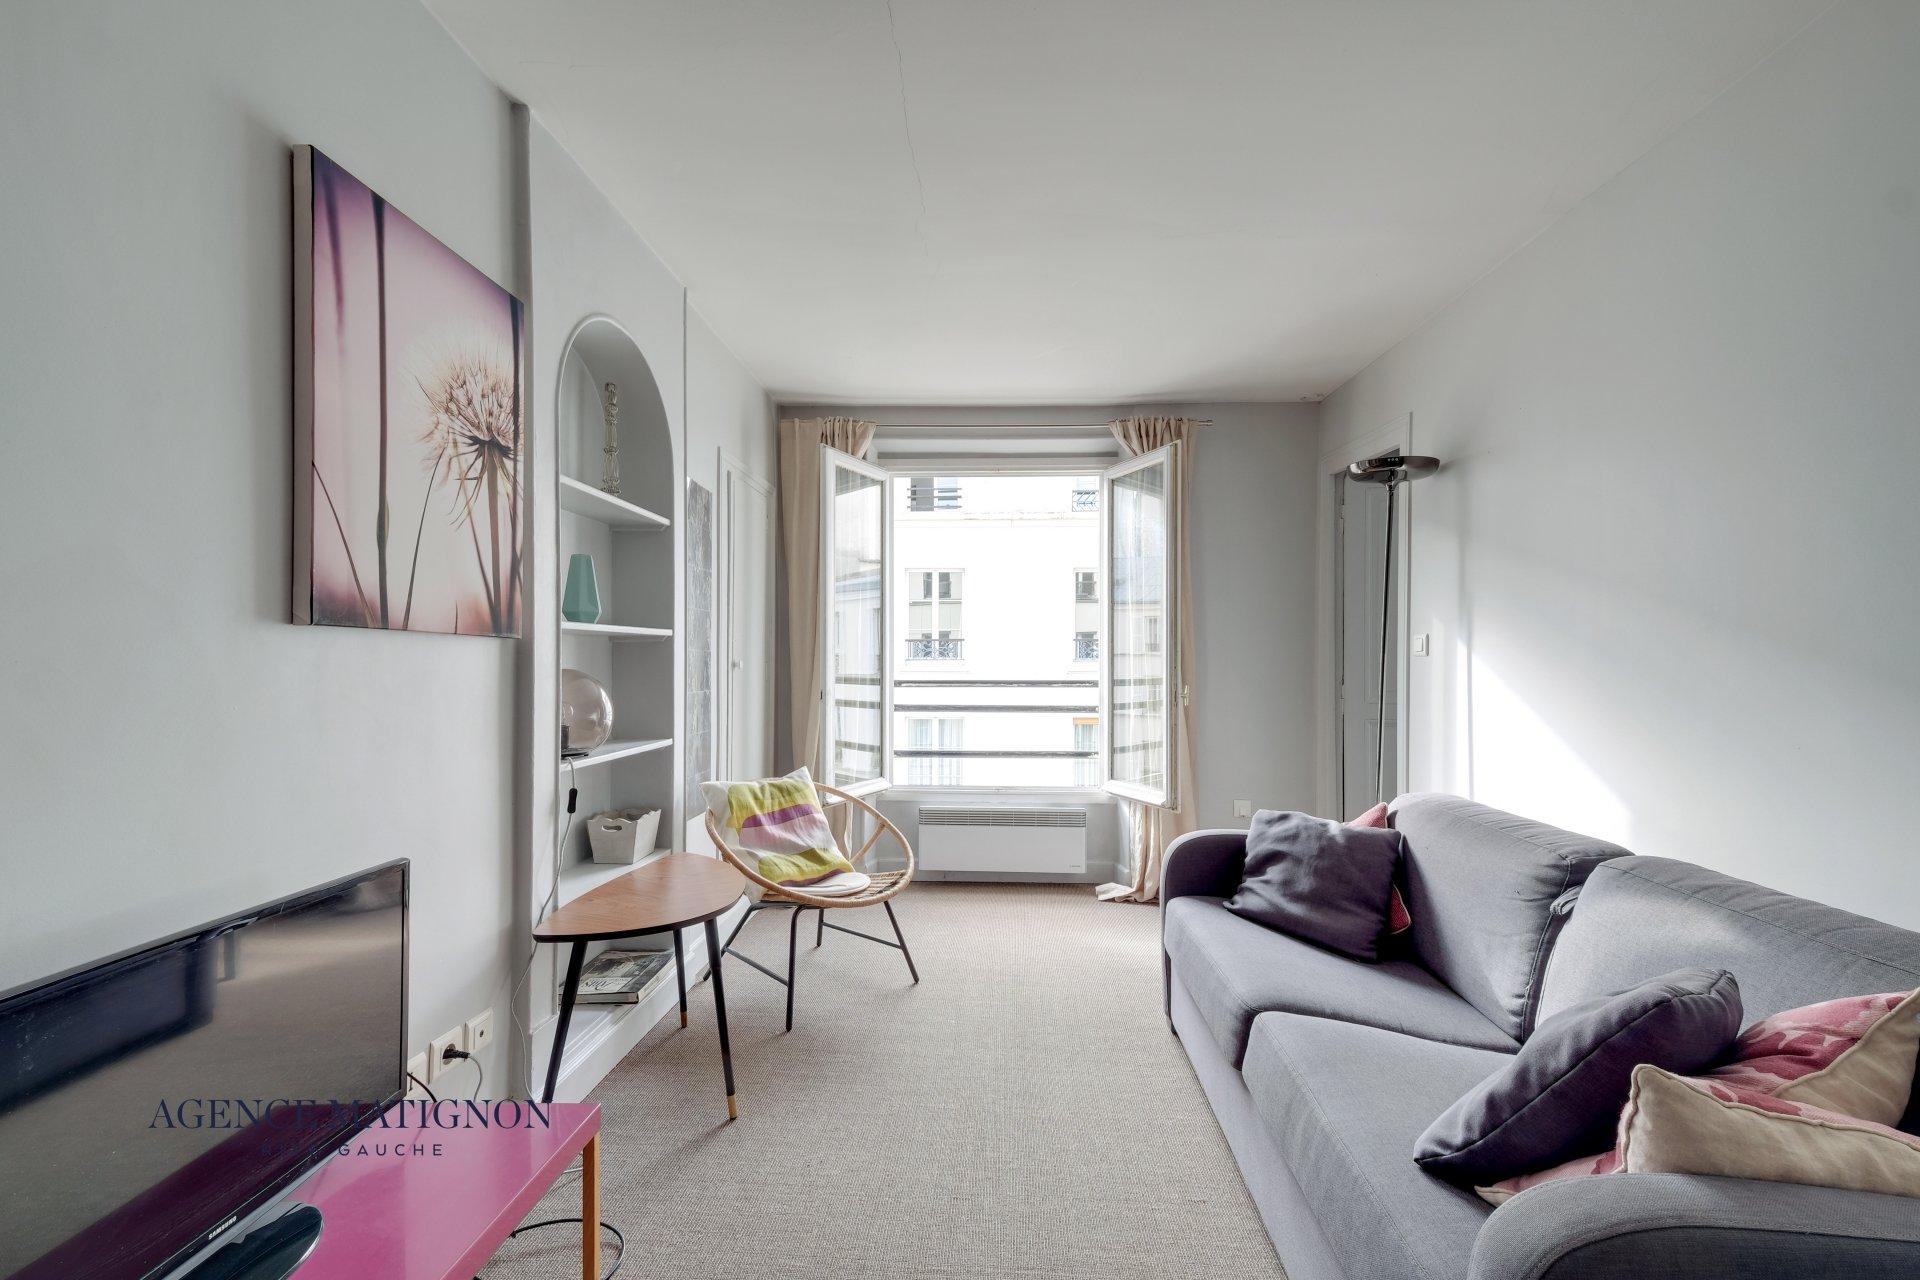 Appartement 2 pièces 33.63 m² 75007